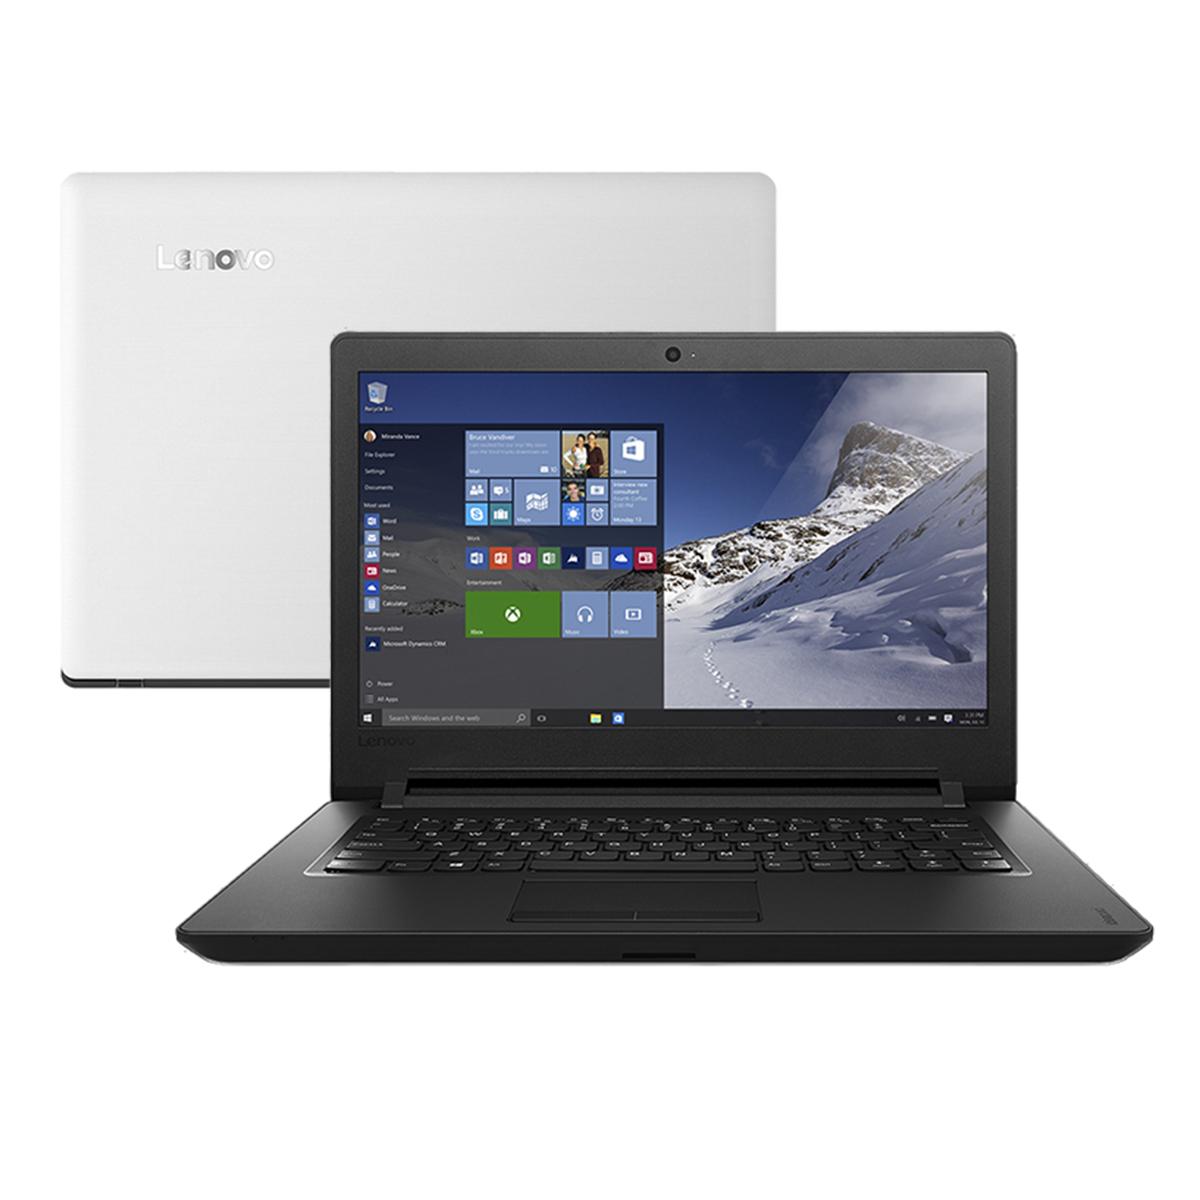 Cupom de desconto - Notebook Lenovo Intel Celeron 4GB 500GB  Por R$ 1399